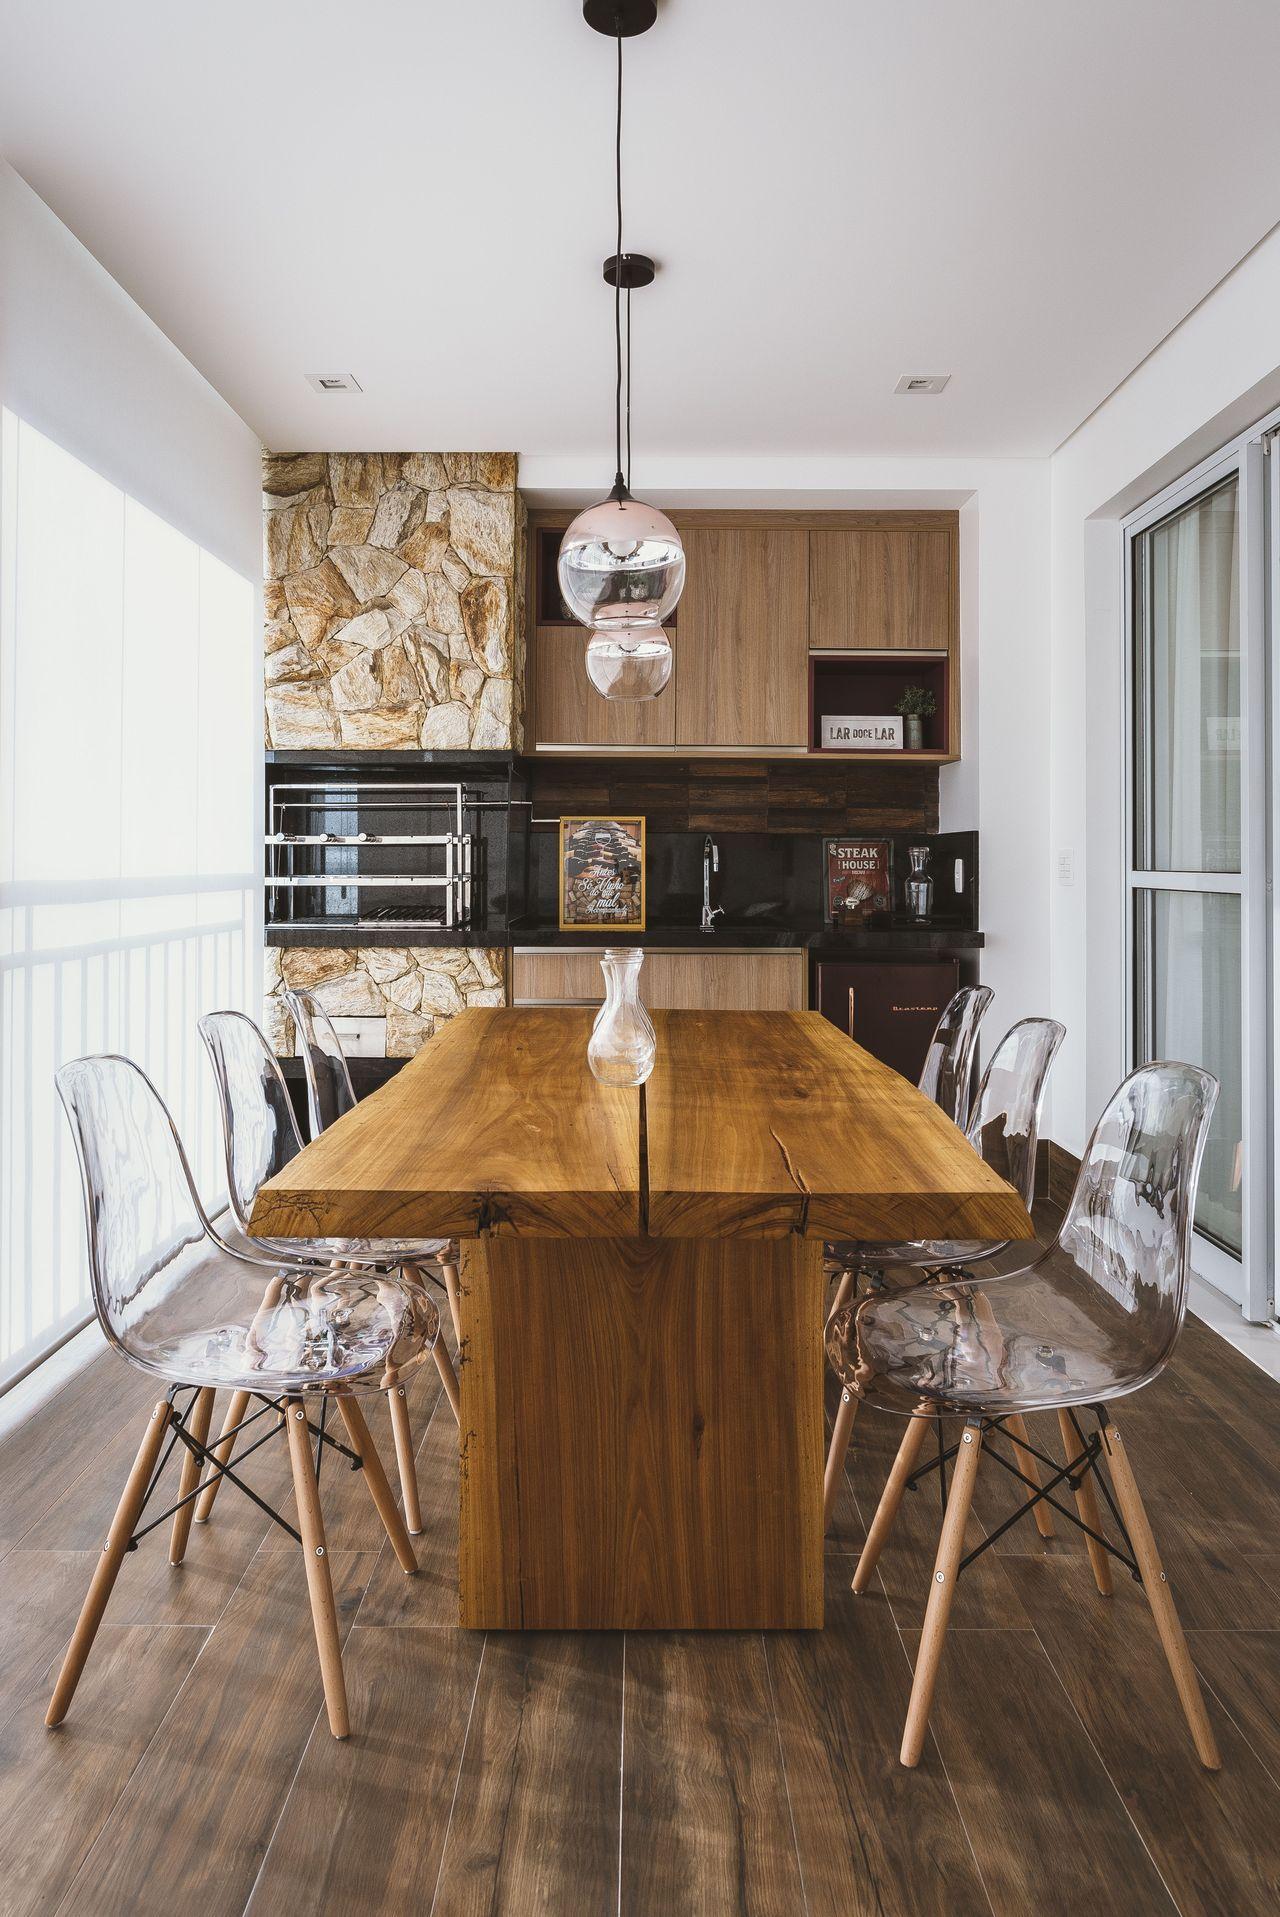 Hermosa Mesas De Cocina Modernos Canadá Imágenes - Como Decorar la ...